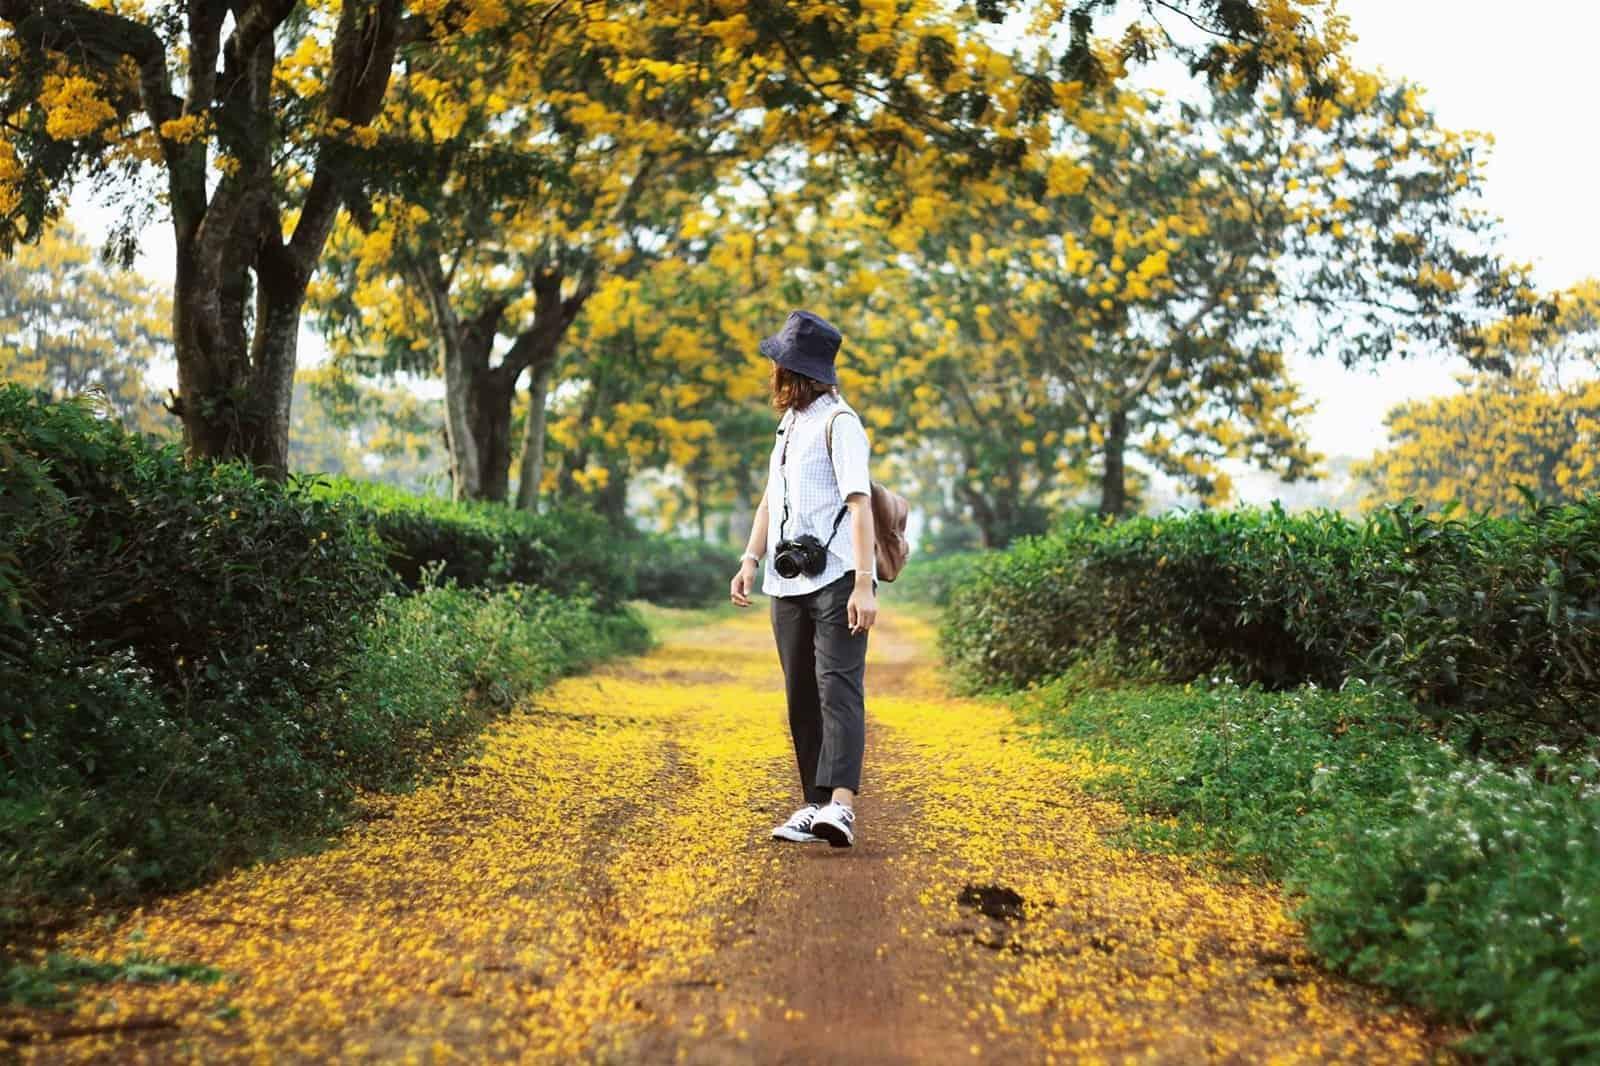 Hoa muồng vàng nở rộ vàng rực cả các con đường ở Gia Lai. Hình: Nguyễn Hà Ly